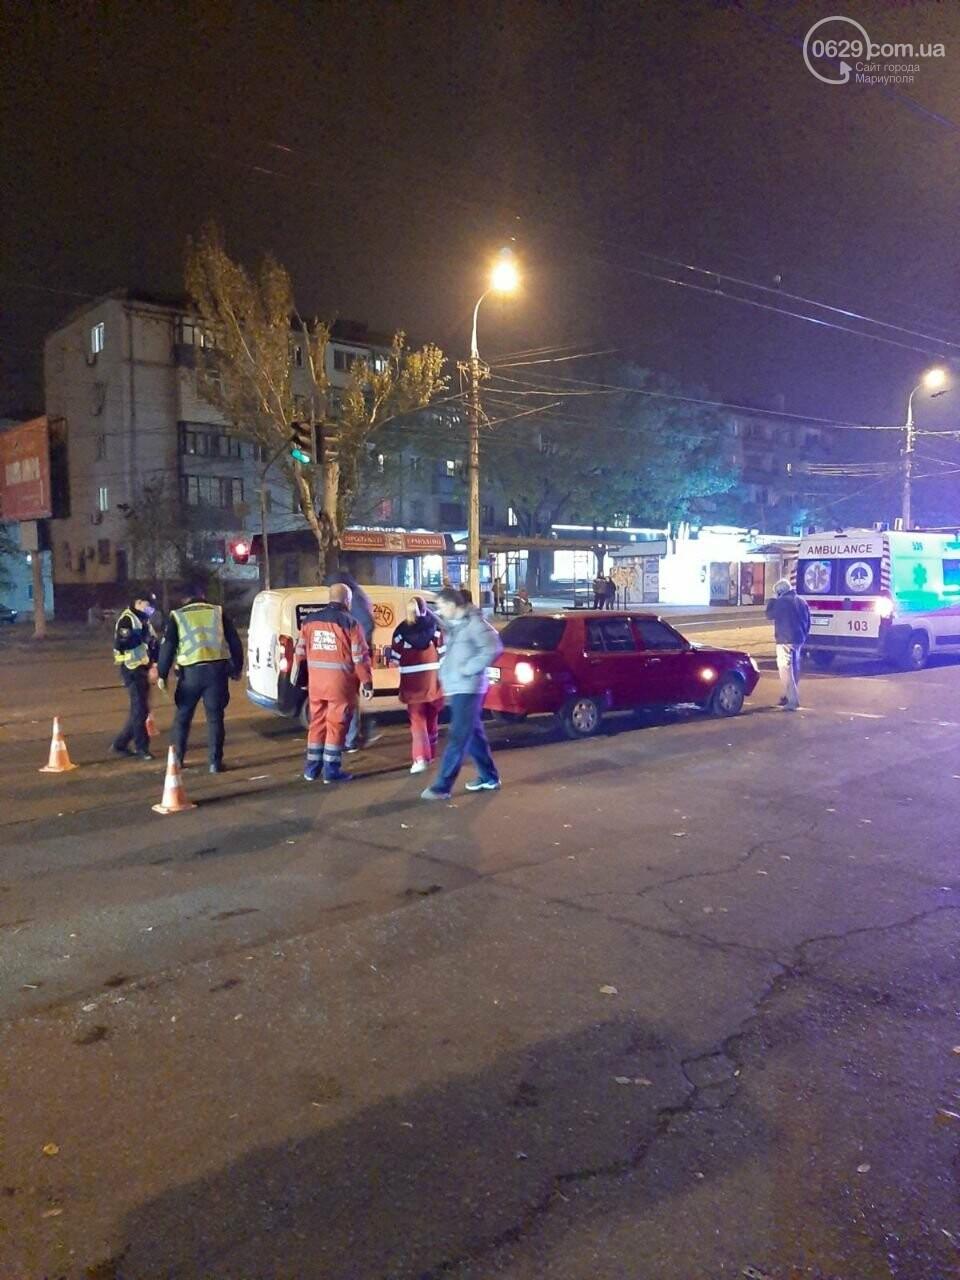 В ДТП на ул. Покрышкина пострадала девушка, - ФОТО, фото-2